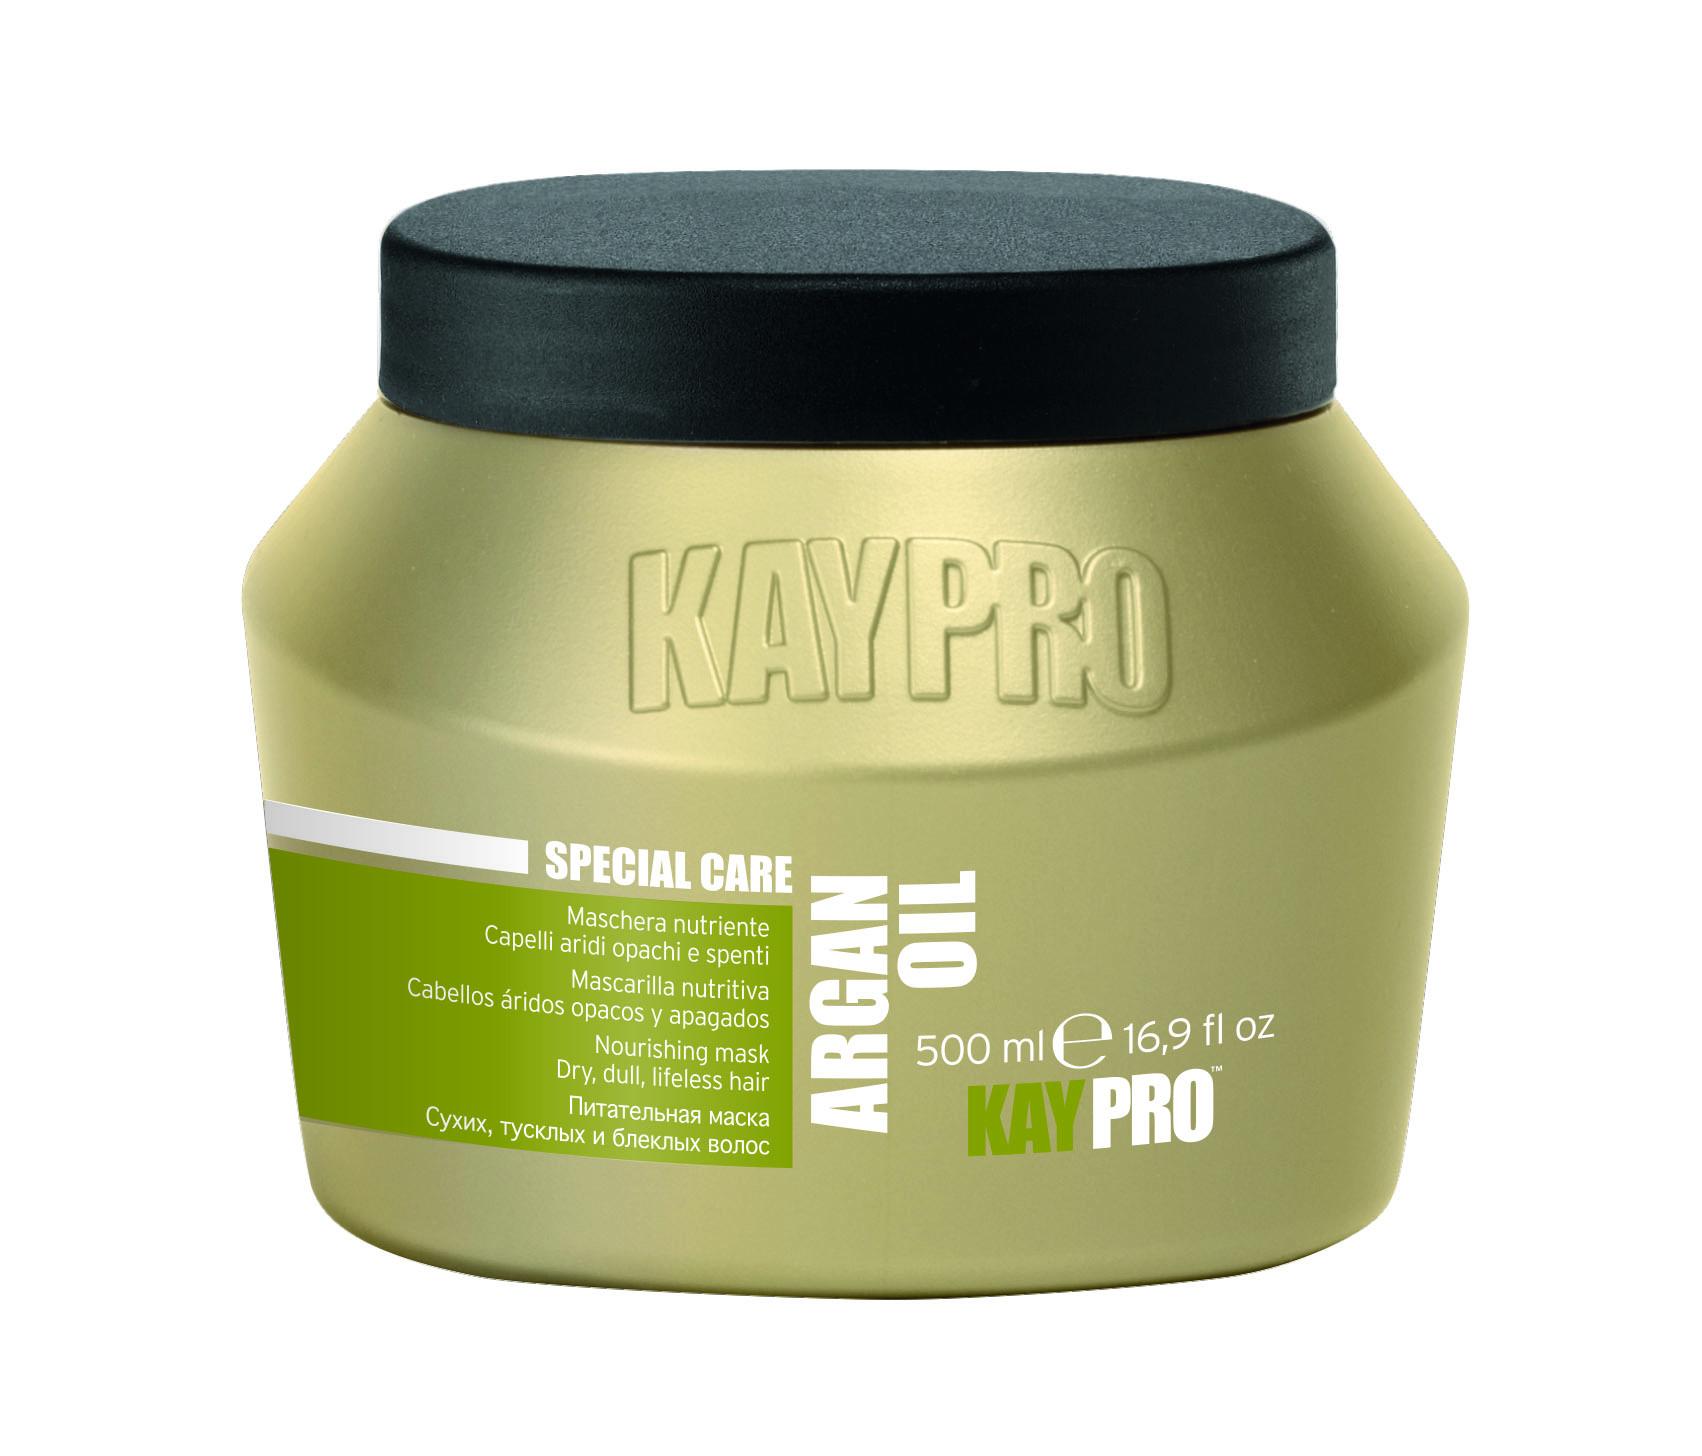 KAYPRO Маска питательная с аргановым маслом / KAYPRO 500млМаски<br>Интенсивно увлажняет, питает, восстанавливает волосы из глубины, дарит волосам жизненную силу. Делает их легко расчесываемыми, блестящими, эластичными и шелковистыми. Активные ингредиенты: аргановое масло. Способ применения: после использования шампуня нанести на влажные волосы по всей длине и расчесать. Оставить действовать на 3-5 минут, после чего смыть водой.<br><br>Объем: 500 мл<br>Вид средства для волос: Питательный<br>Типы волос: Поврежденные